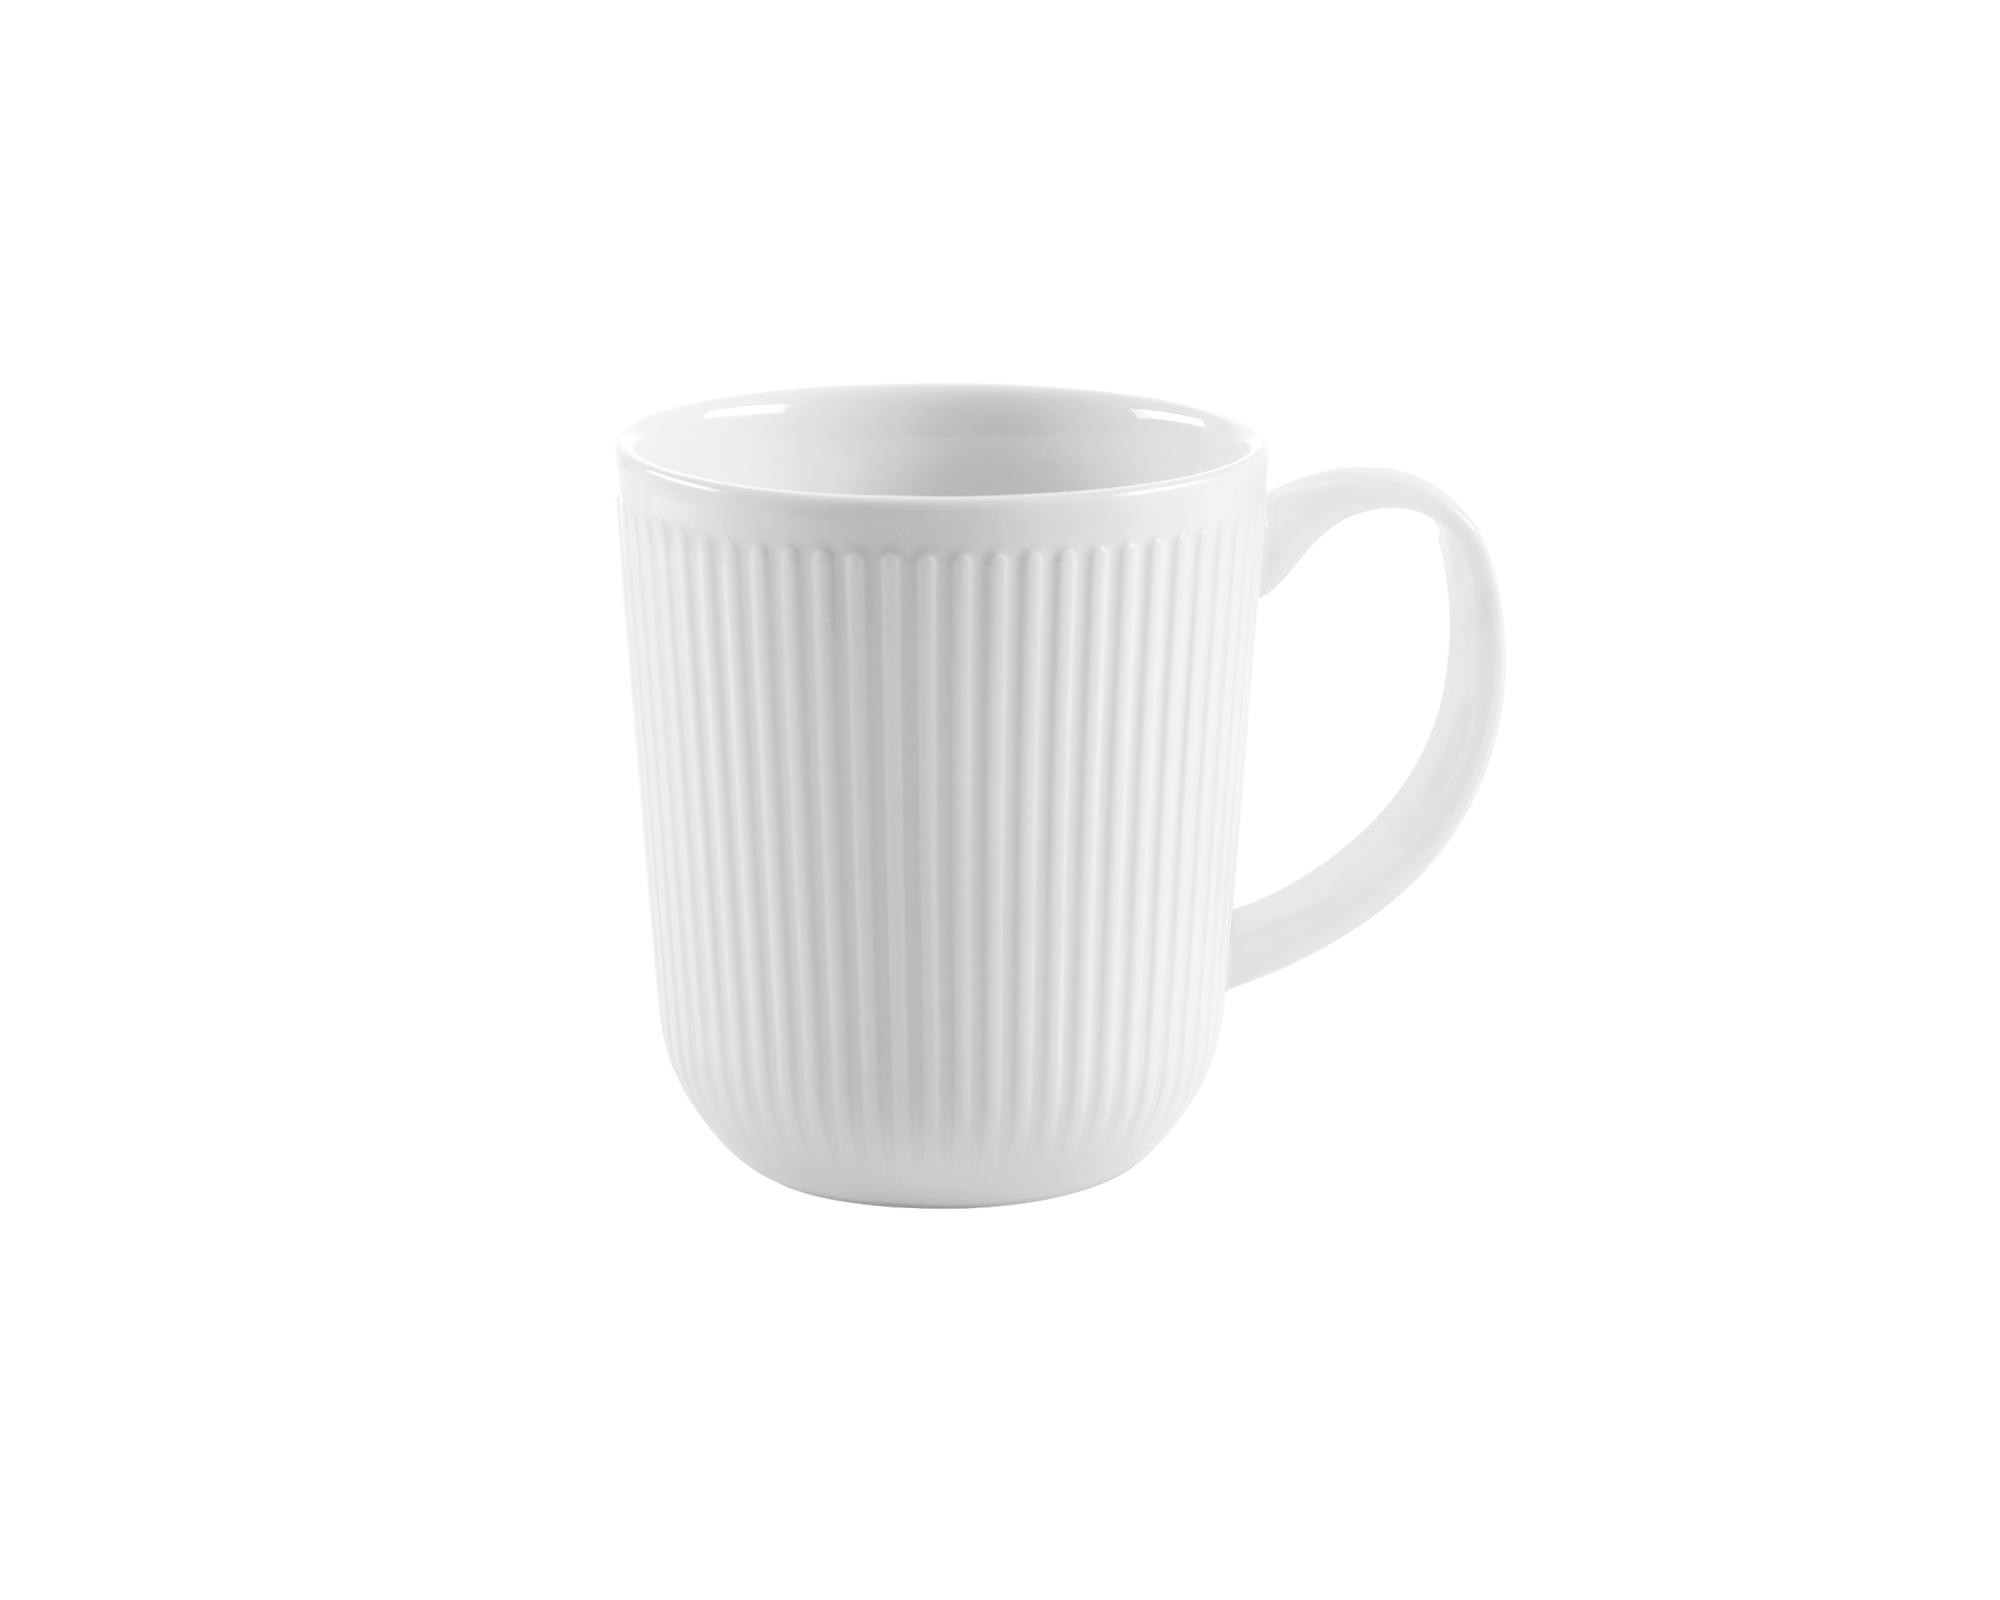 Set de 2 mug blancs Douro de Bodum I Café Michel